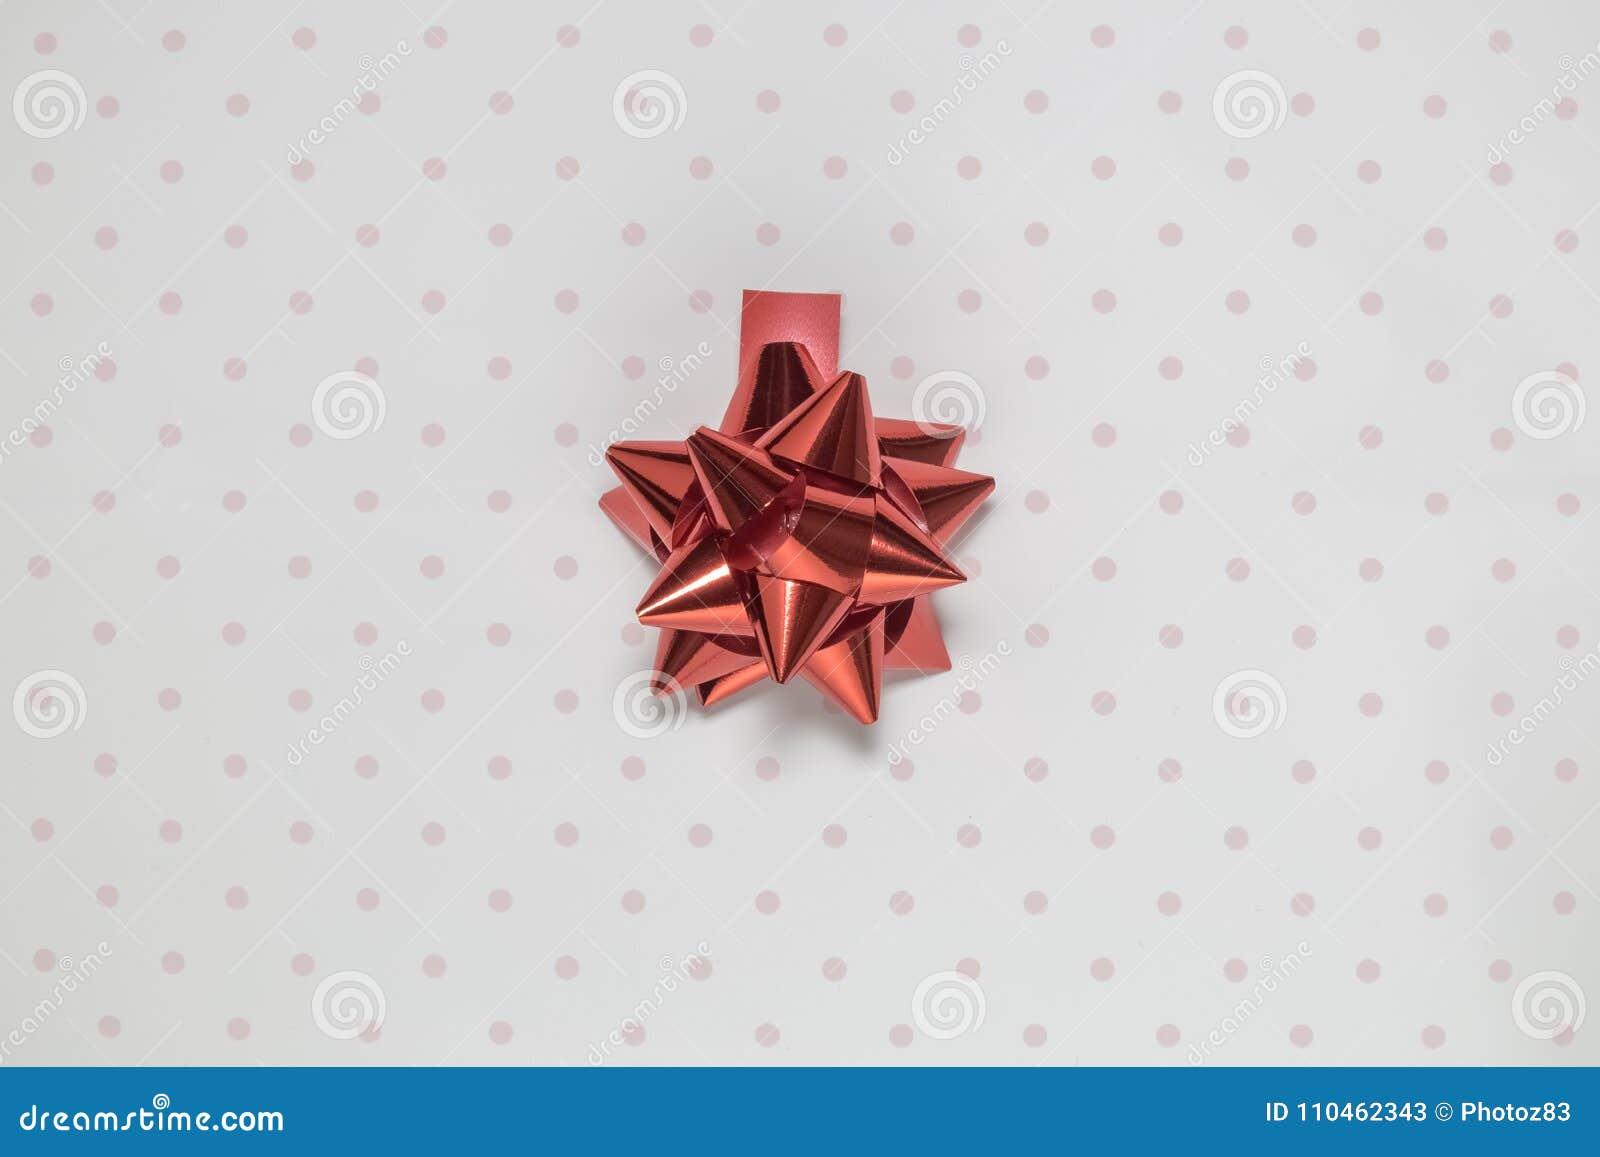 Röd beståndsdel för pilbågebanddekor som isoleras på polkaslättrosa färger och vitbakgrund